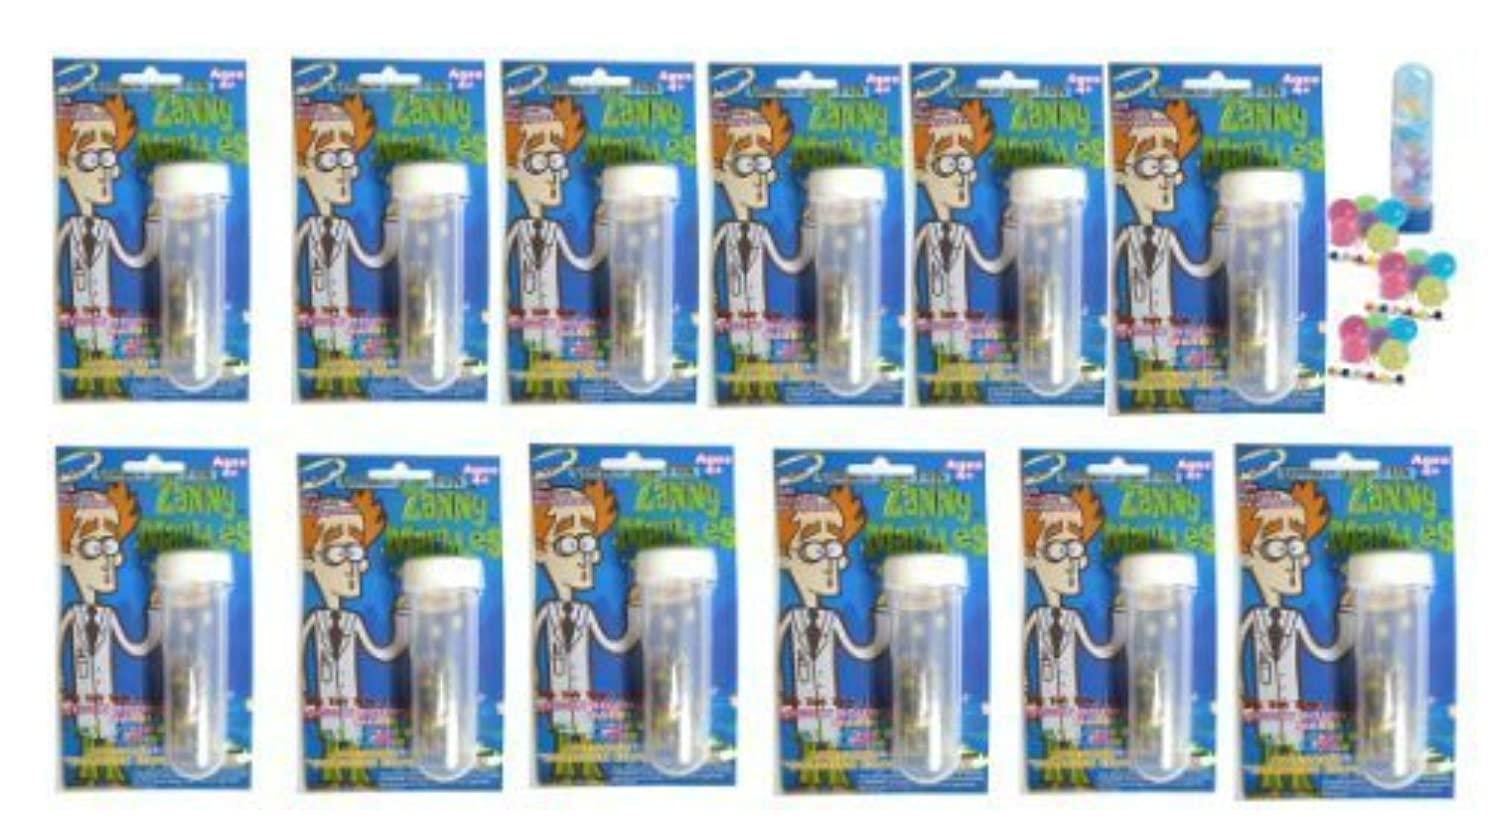 消防士ガム寛容12 Pack of Kid's Science Projeck Kits- Zanny Marbles (Tm): Watch the Tiny Water Marble Ball Grow to More Than 400 Times Their Volume. [並行輸入品]